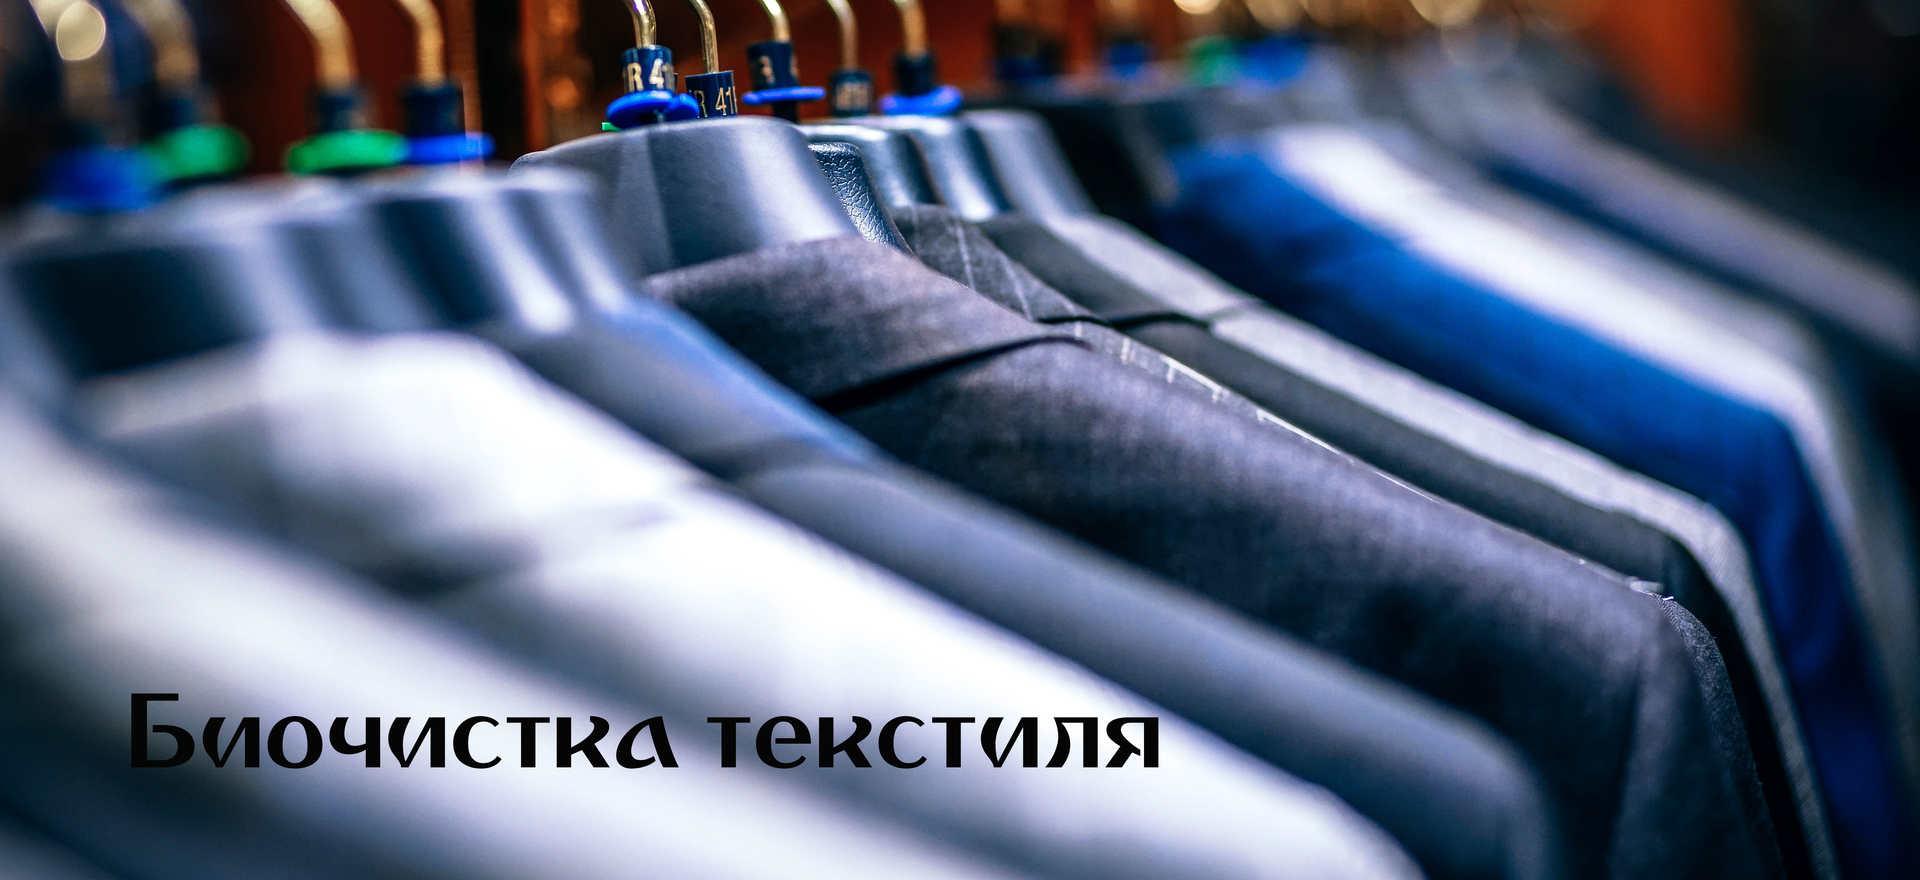 Чистка текстиля Благовещенск